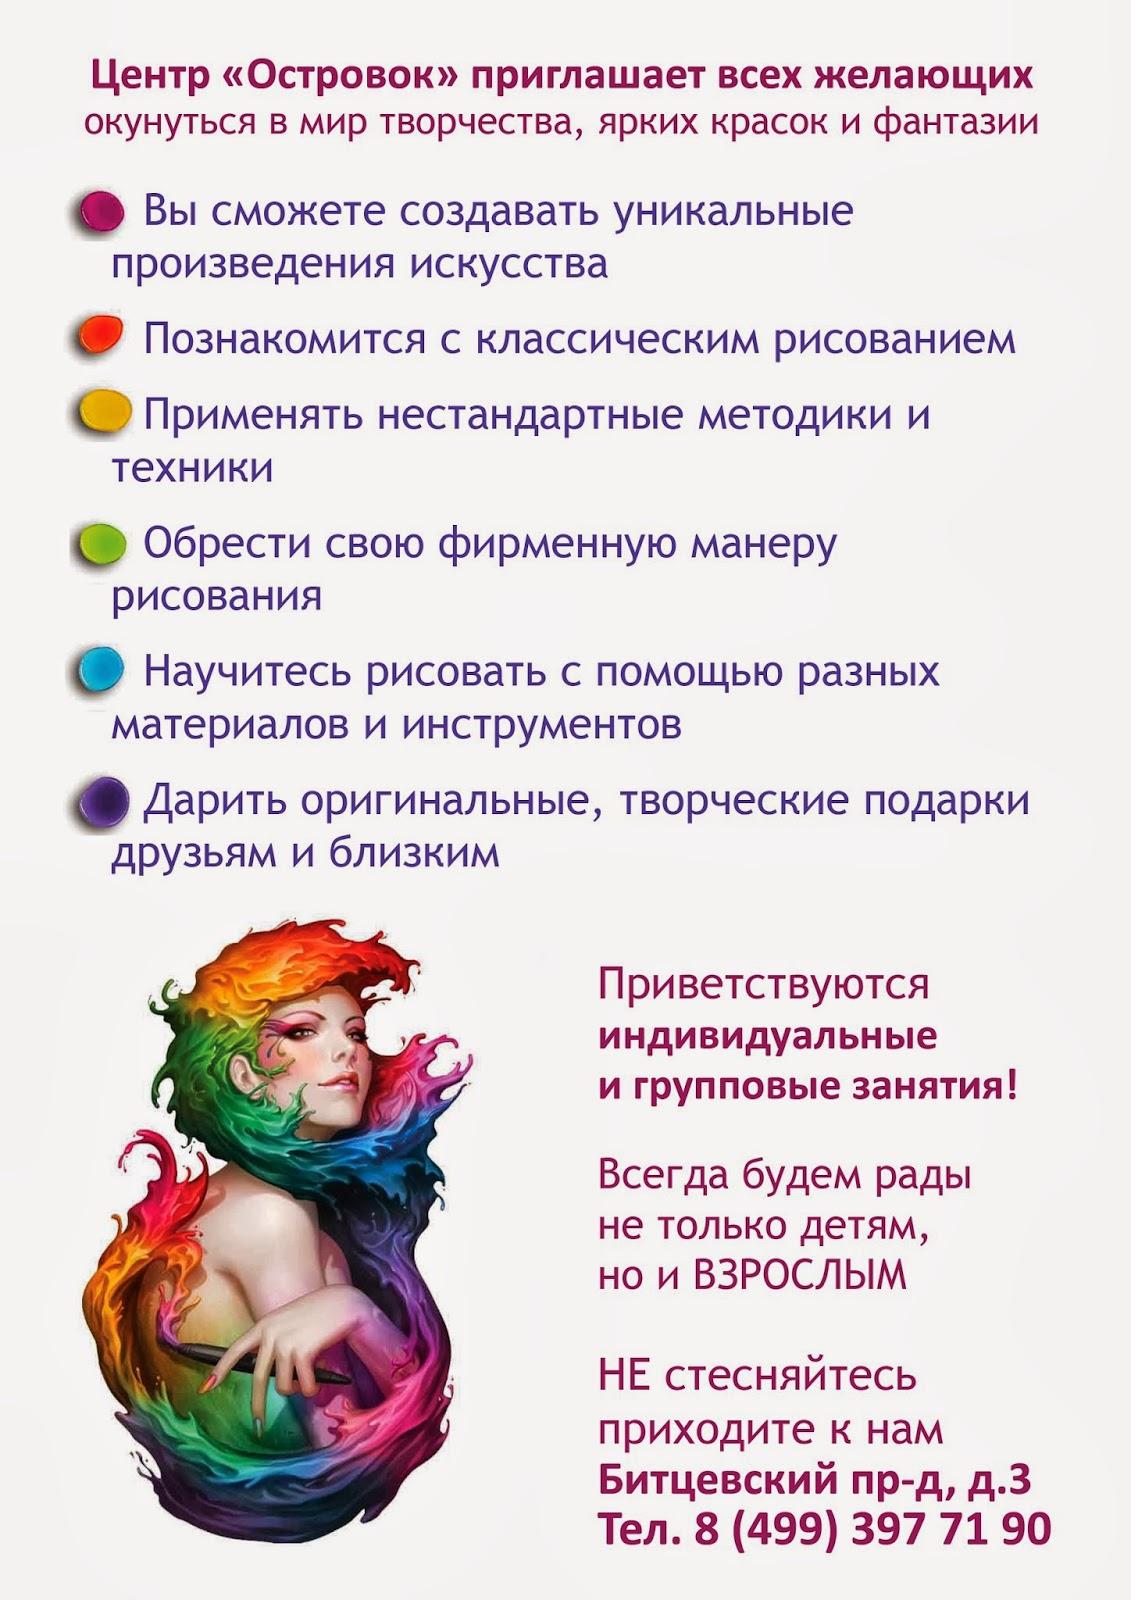 Островок в Видном, Ольга Жаркова, рисование, кружок изо в видном, видное